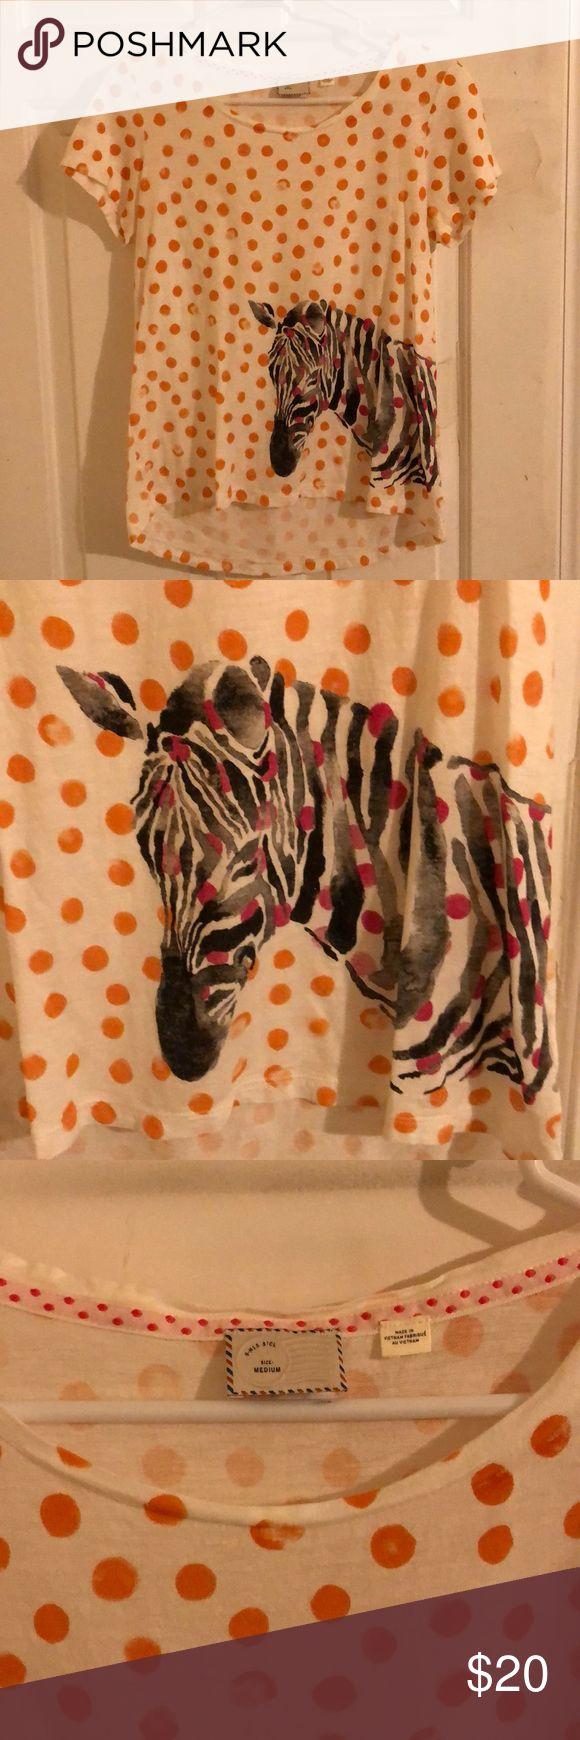 Anthropologie-Oberteil mit Zebras und Tupfen Wenn Sie Tupfen und Zebras lieben, d …   – My Posh Closet